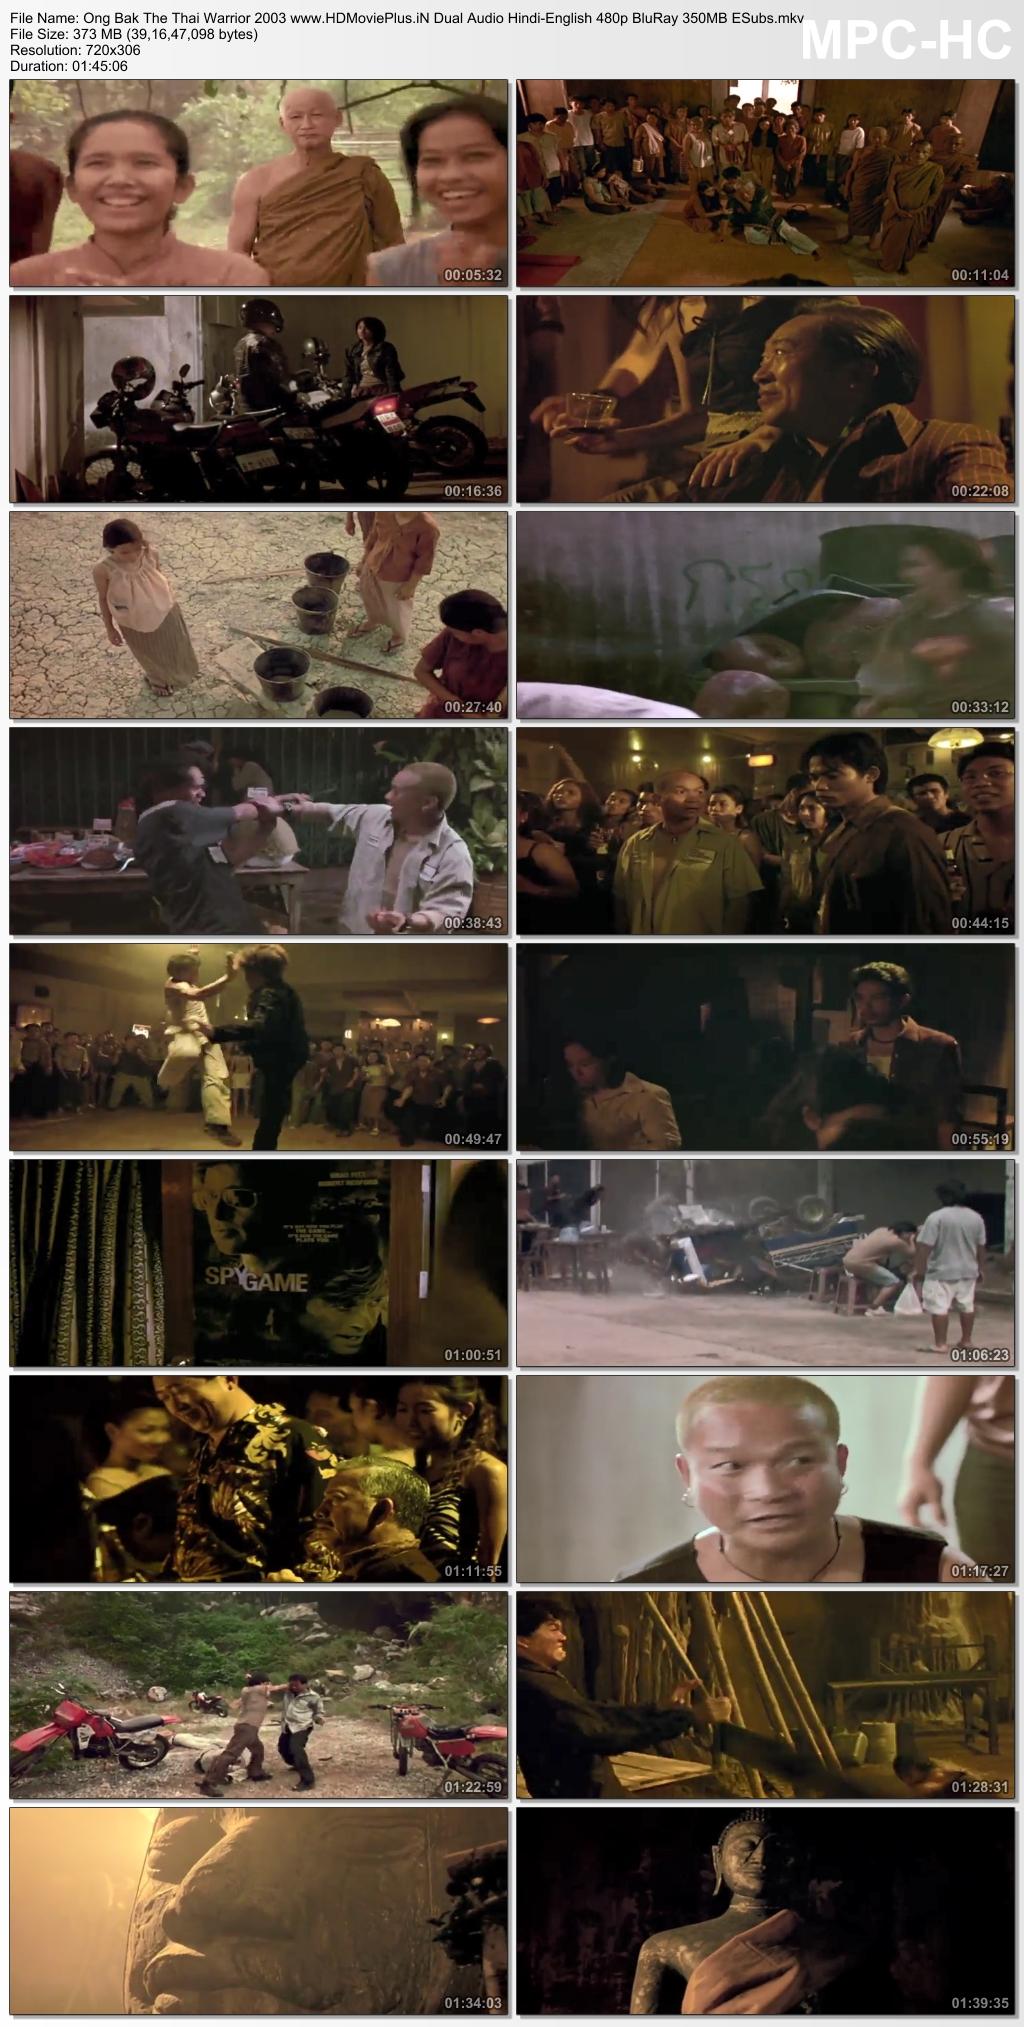 Ong-Bak: The Thai Warrior 2003 Dual Audio